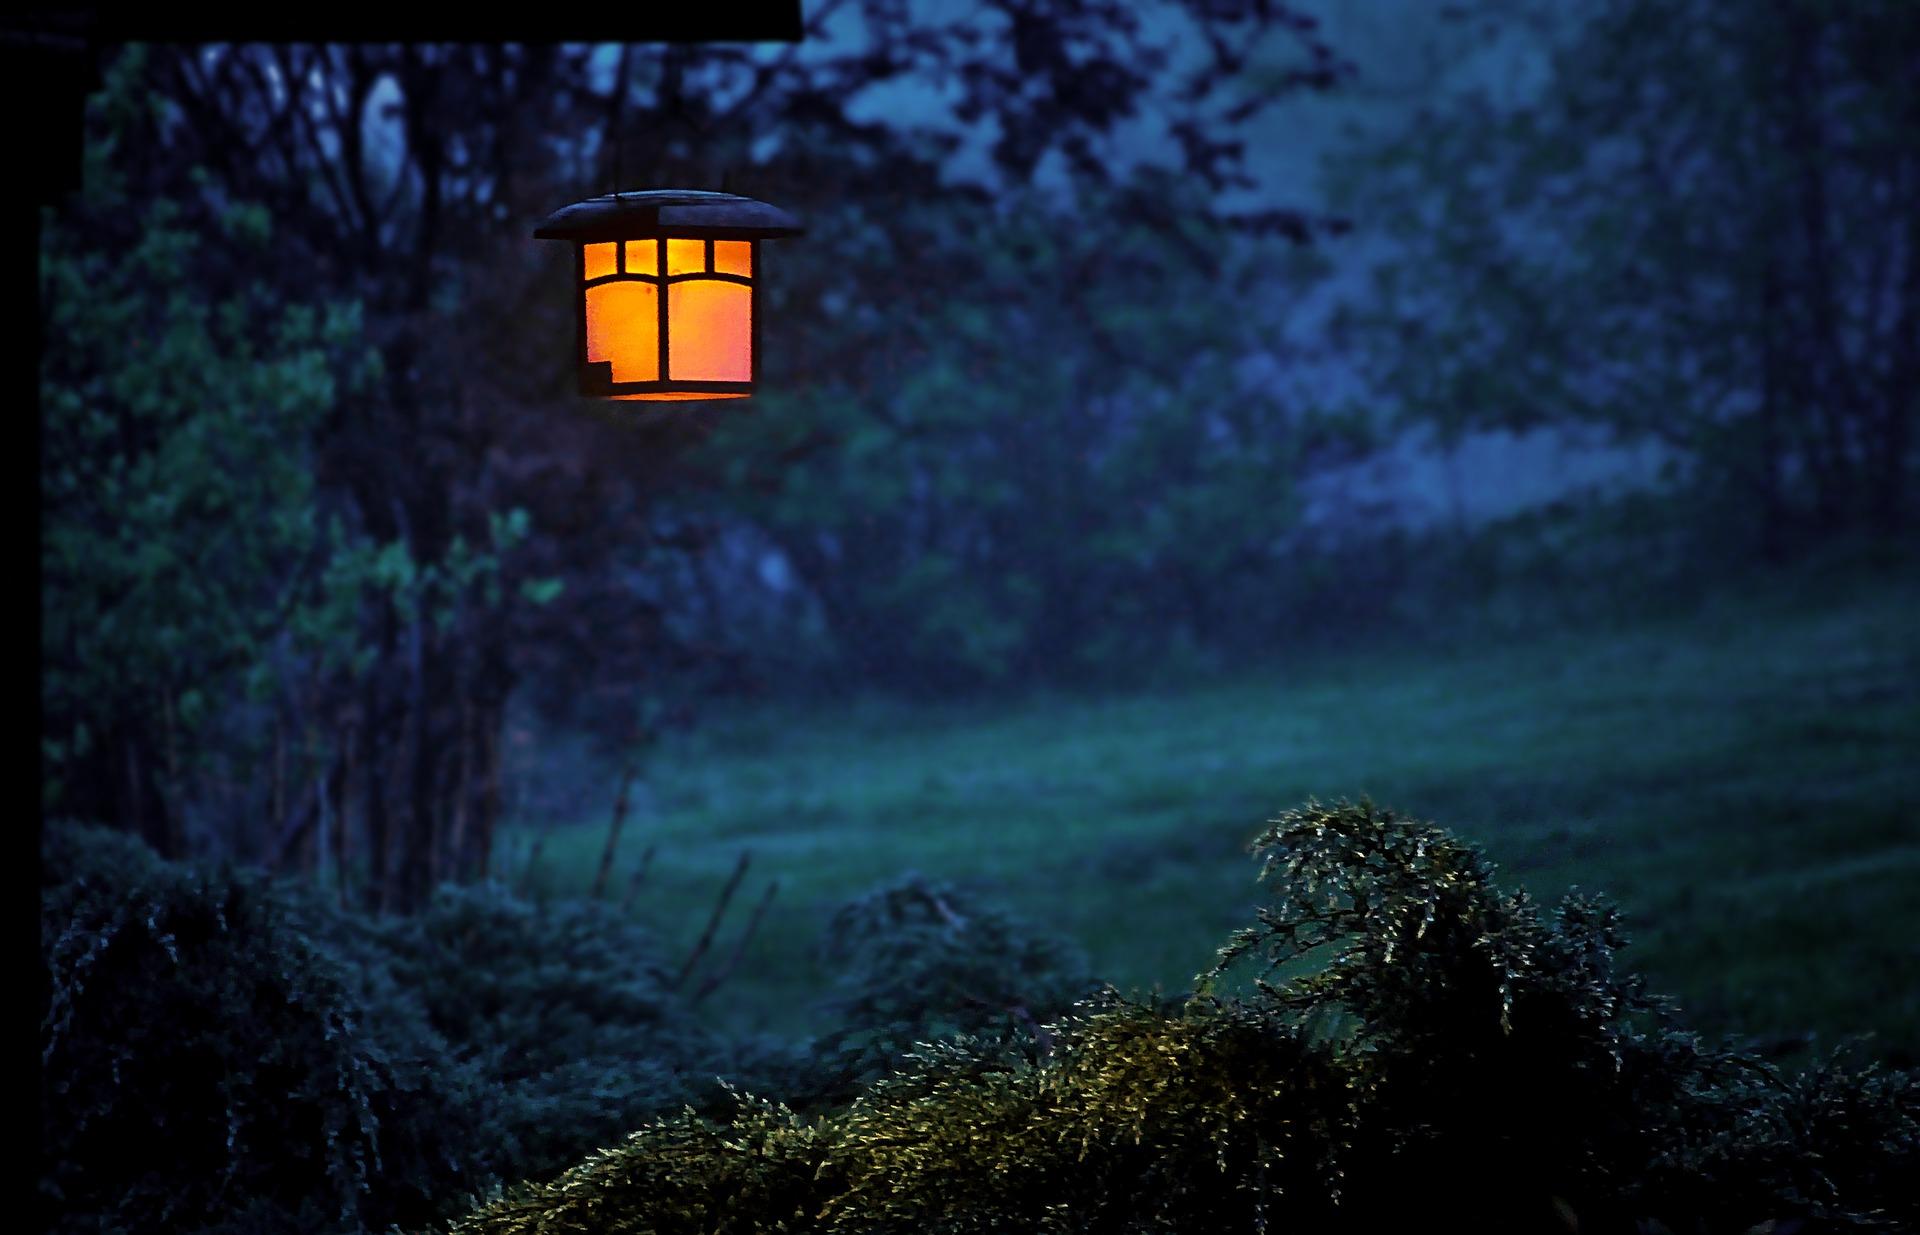 Oplys haven og forlæng døgnets lyse timer